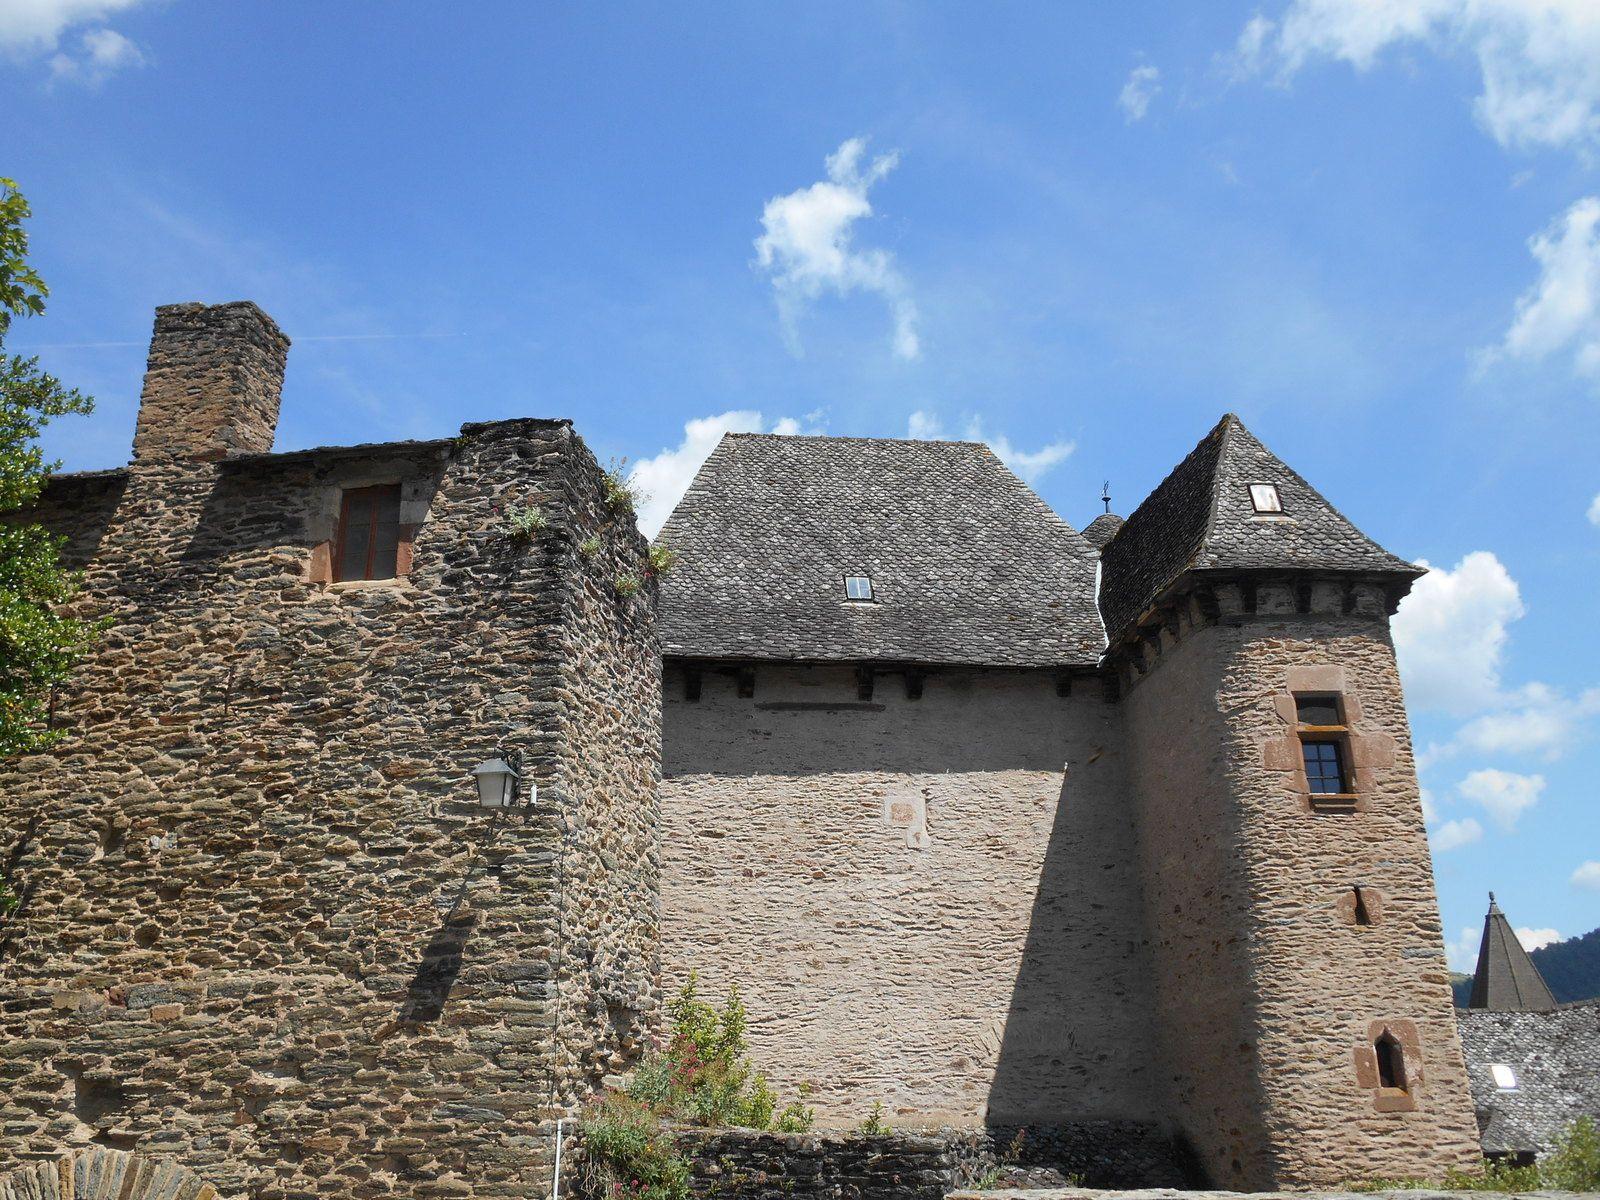 Les plus beaux villages de France: Conques (Aveyron)